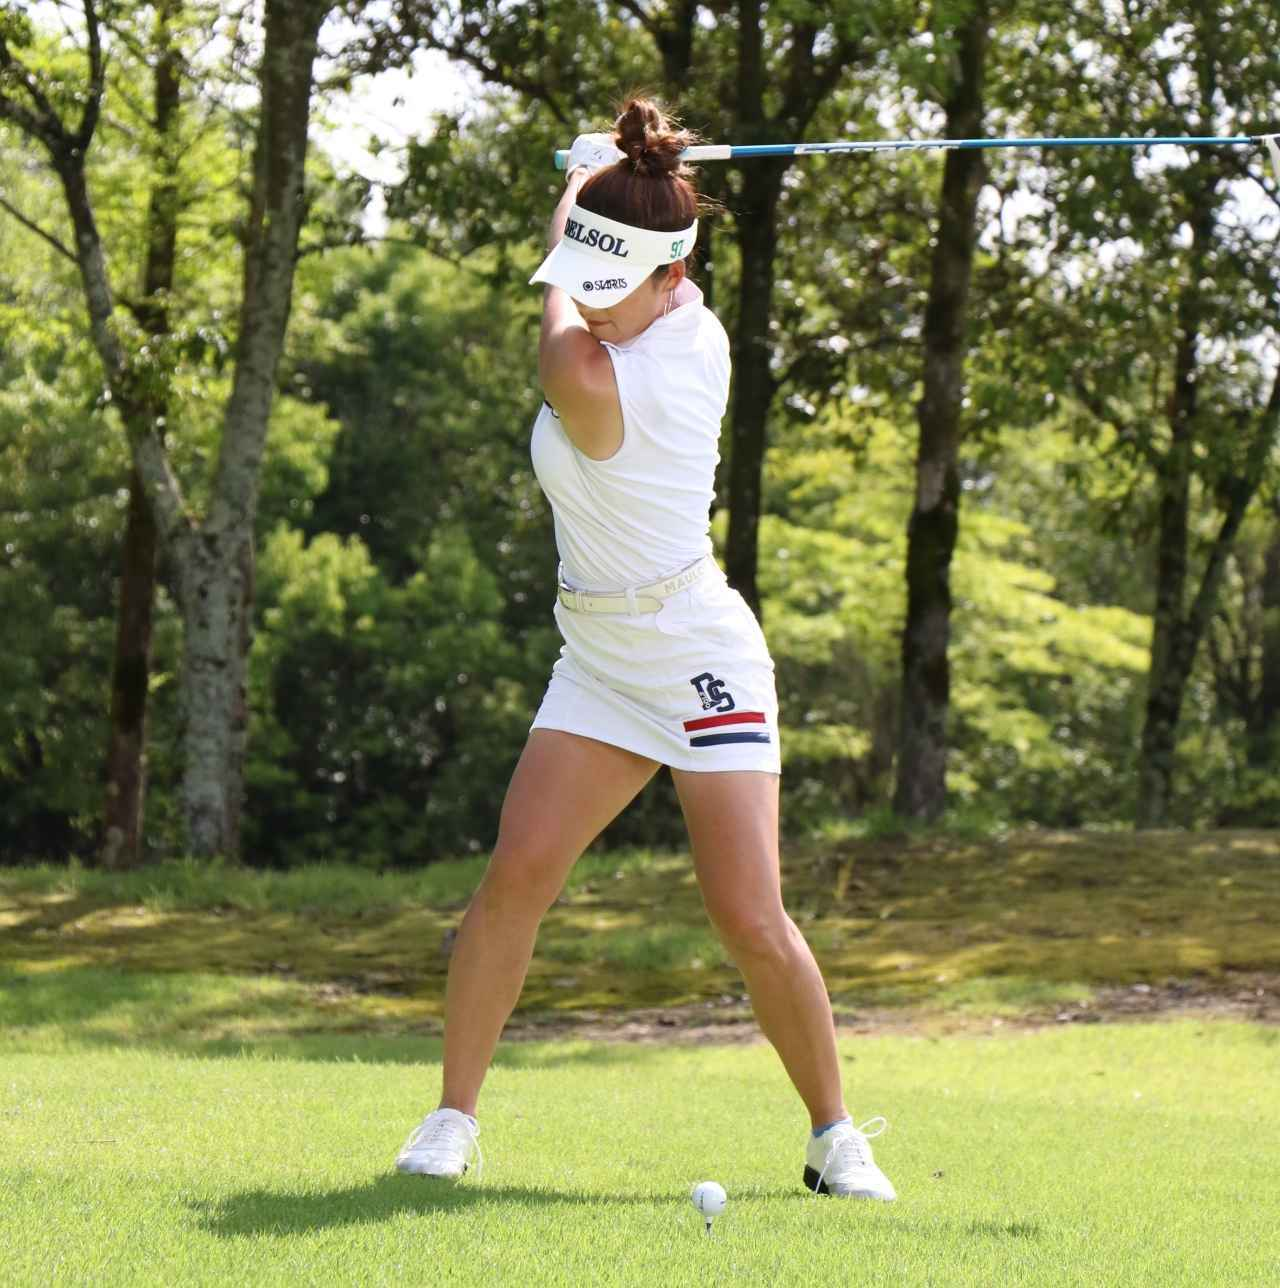 画像2: 【女子プロ百花/兼岩美奈】ガンガン攻めるゴルフが信条です。お団子ヘアを見つけたら応援よろしくお願いします!